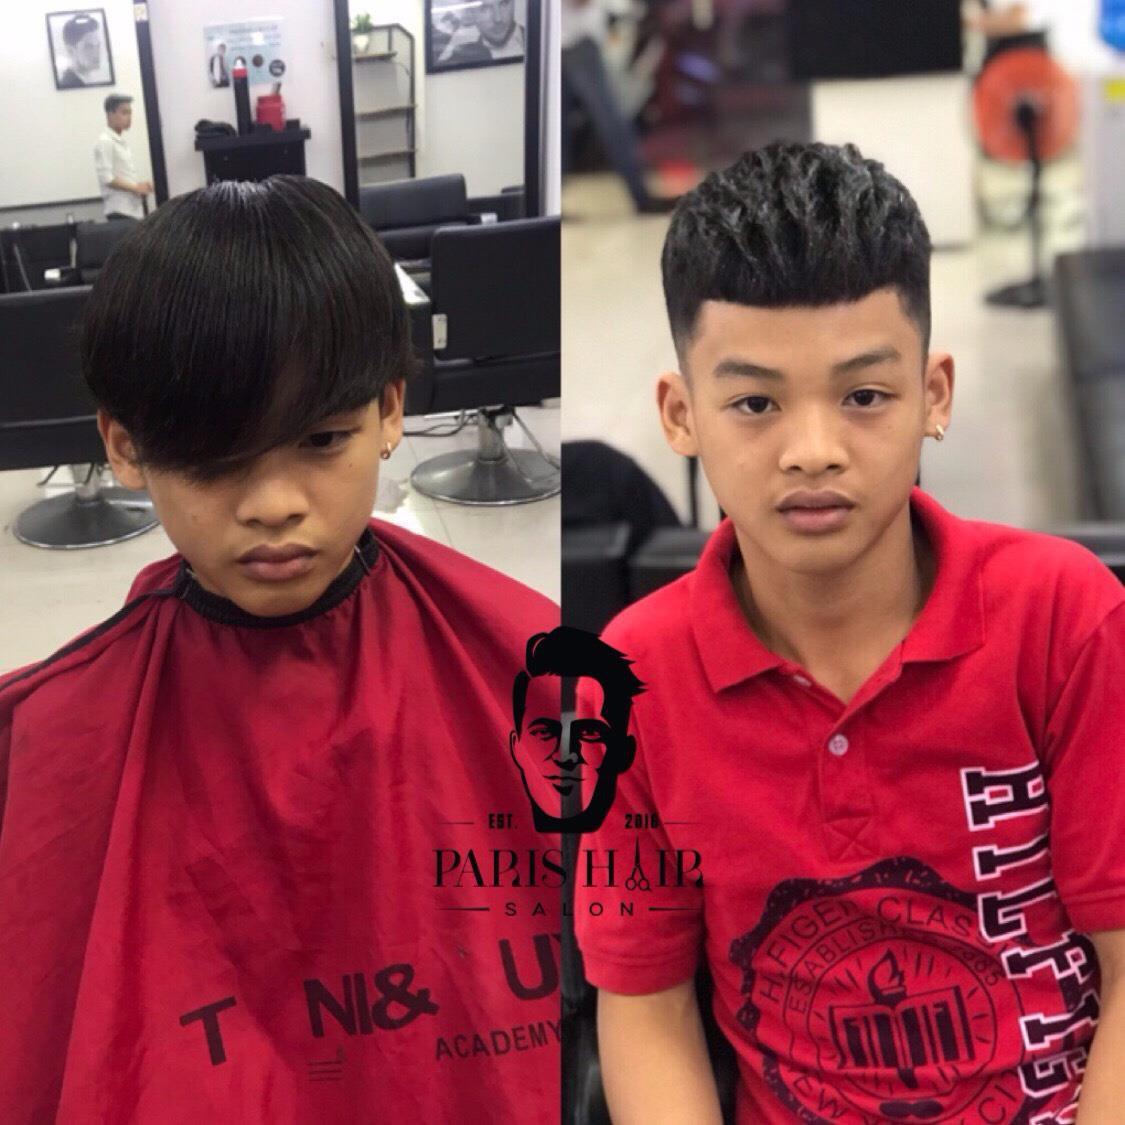 """Bí quyết """"lột xác"""" cho nam giới đơn giản là combo 7 bước làm tóc chỉ 80.000đ tại Paris Hair Salon - Ảnh 6."""